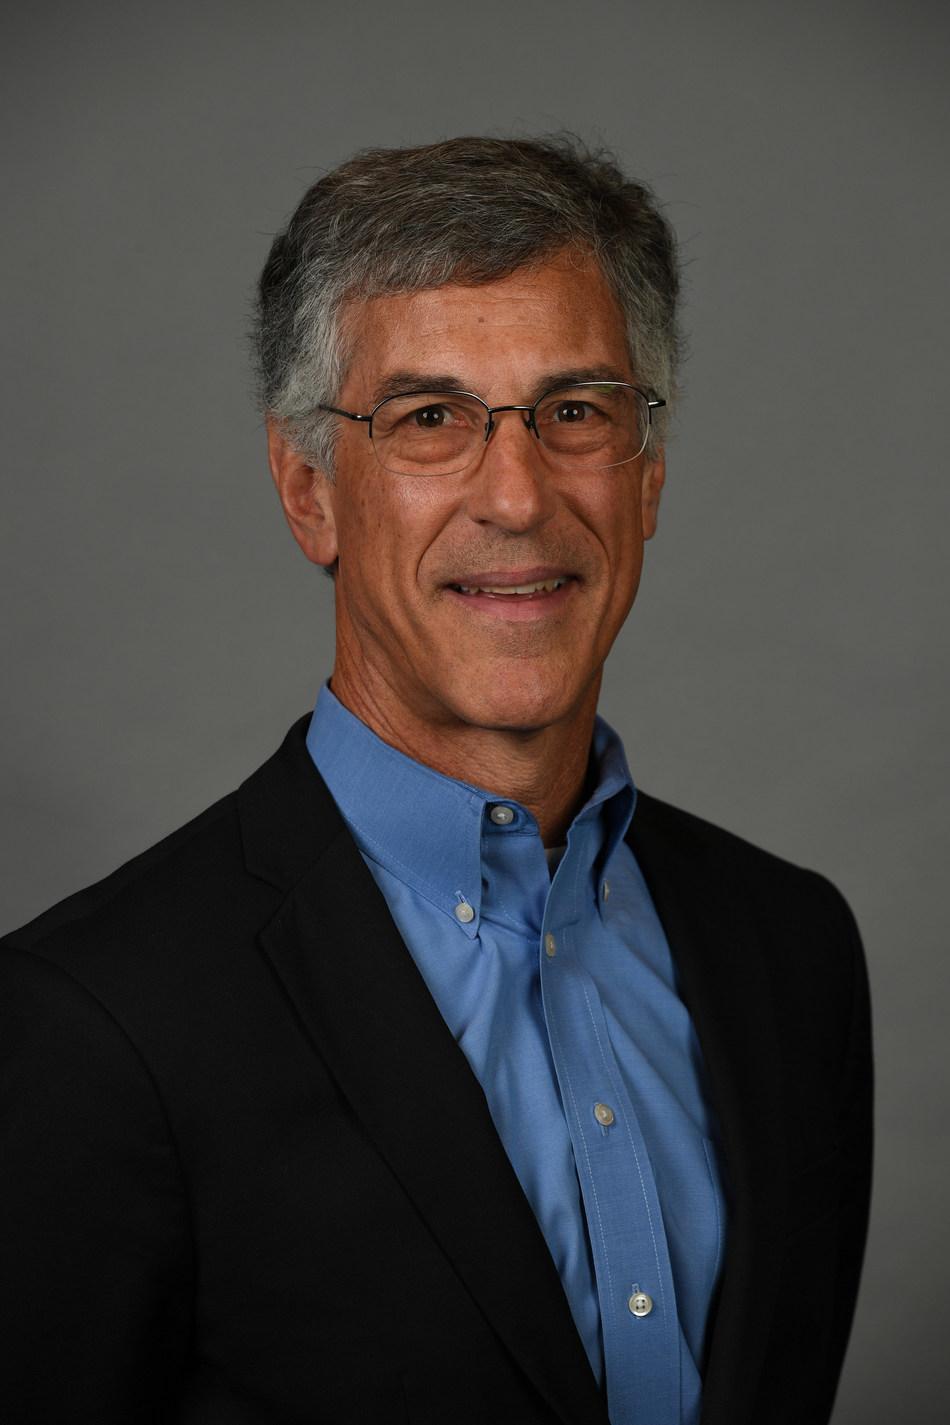 Daniel Bailin, UniKey SVP Sales and Marketing